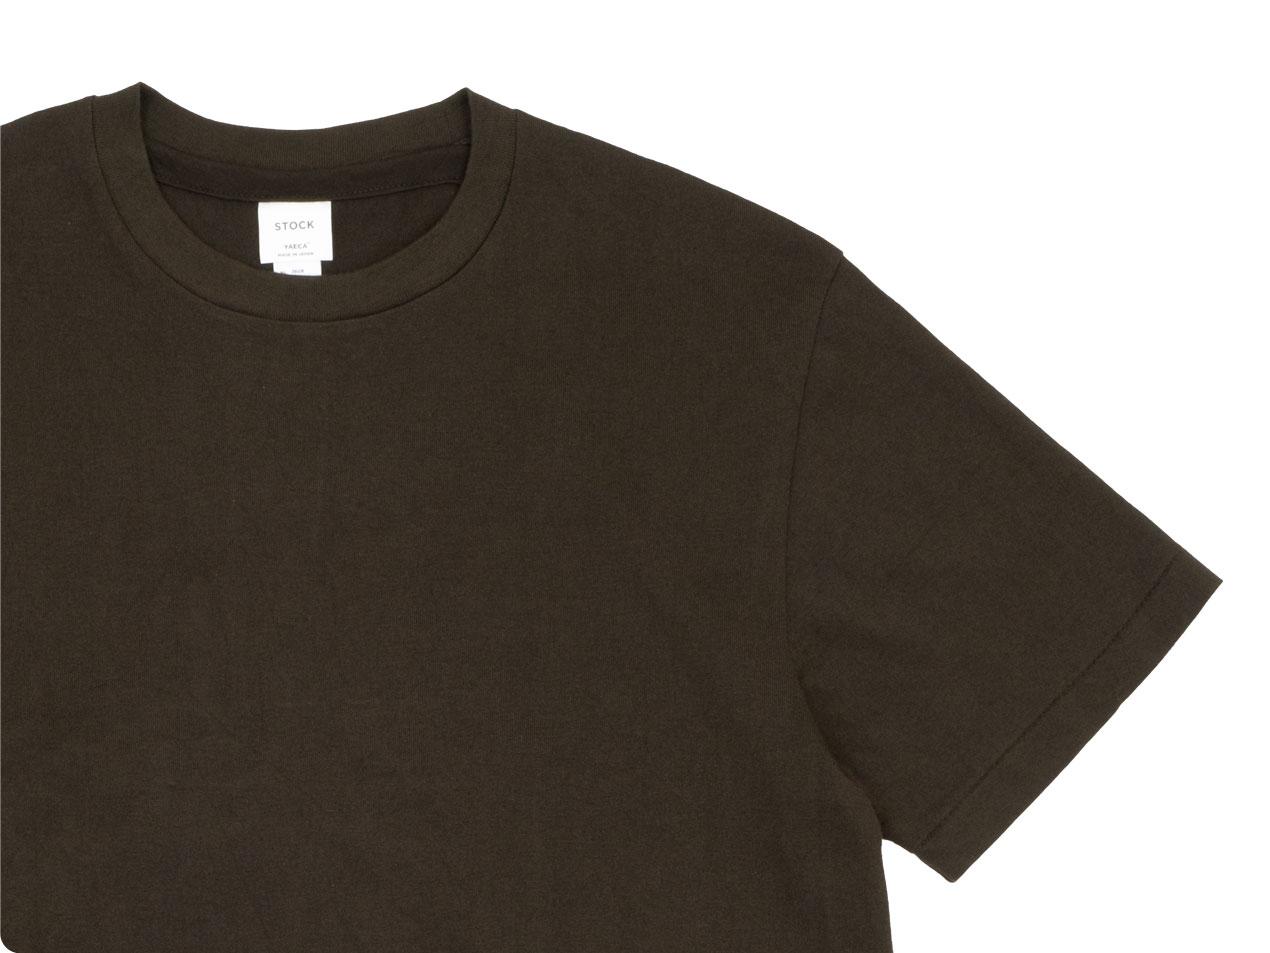 YAECA STOCK 丸胴シルクタッチ 半袖Tシャツ